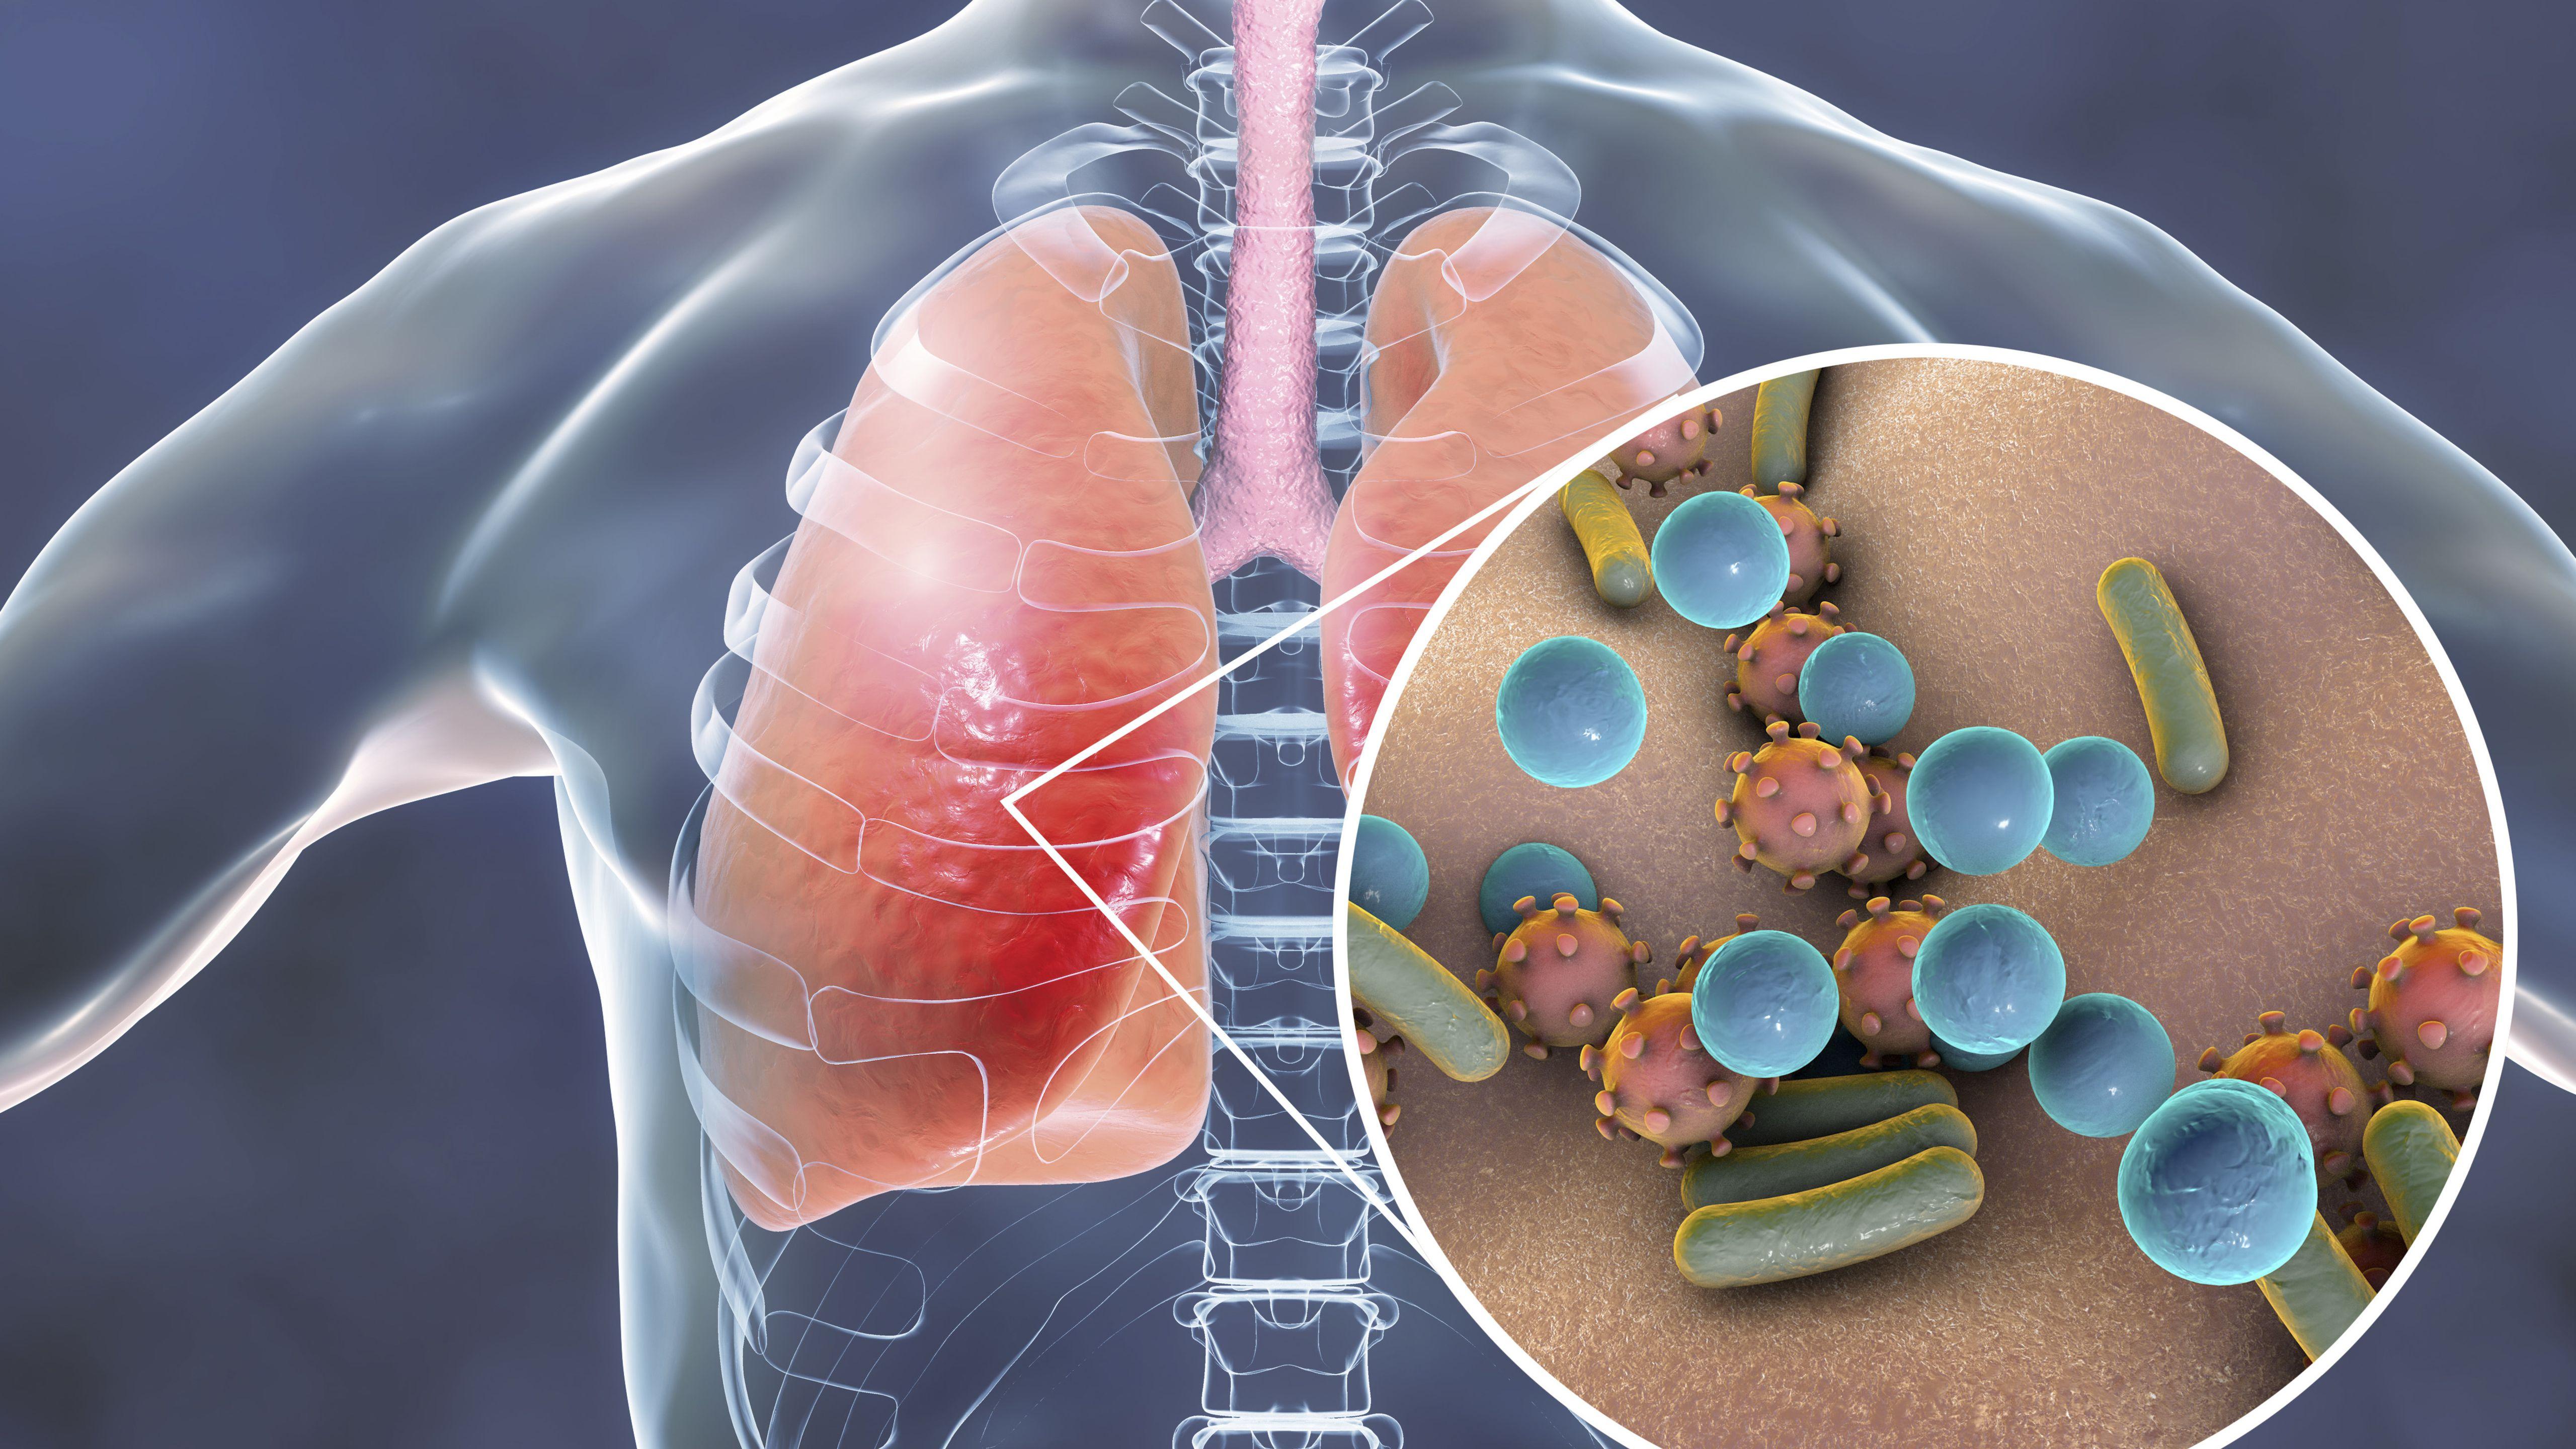 Nguyên nhân và triệu chứng của 6 bệnh viêm phổi thường gặp - 3